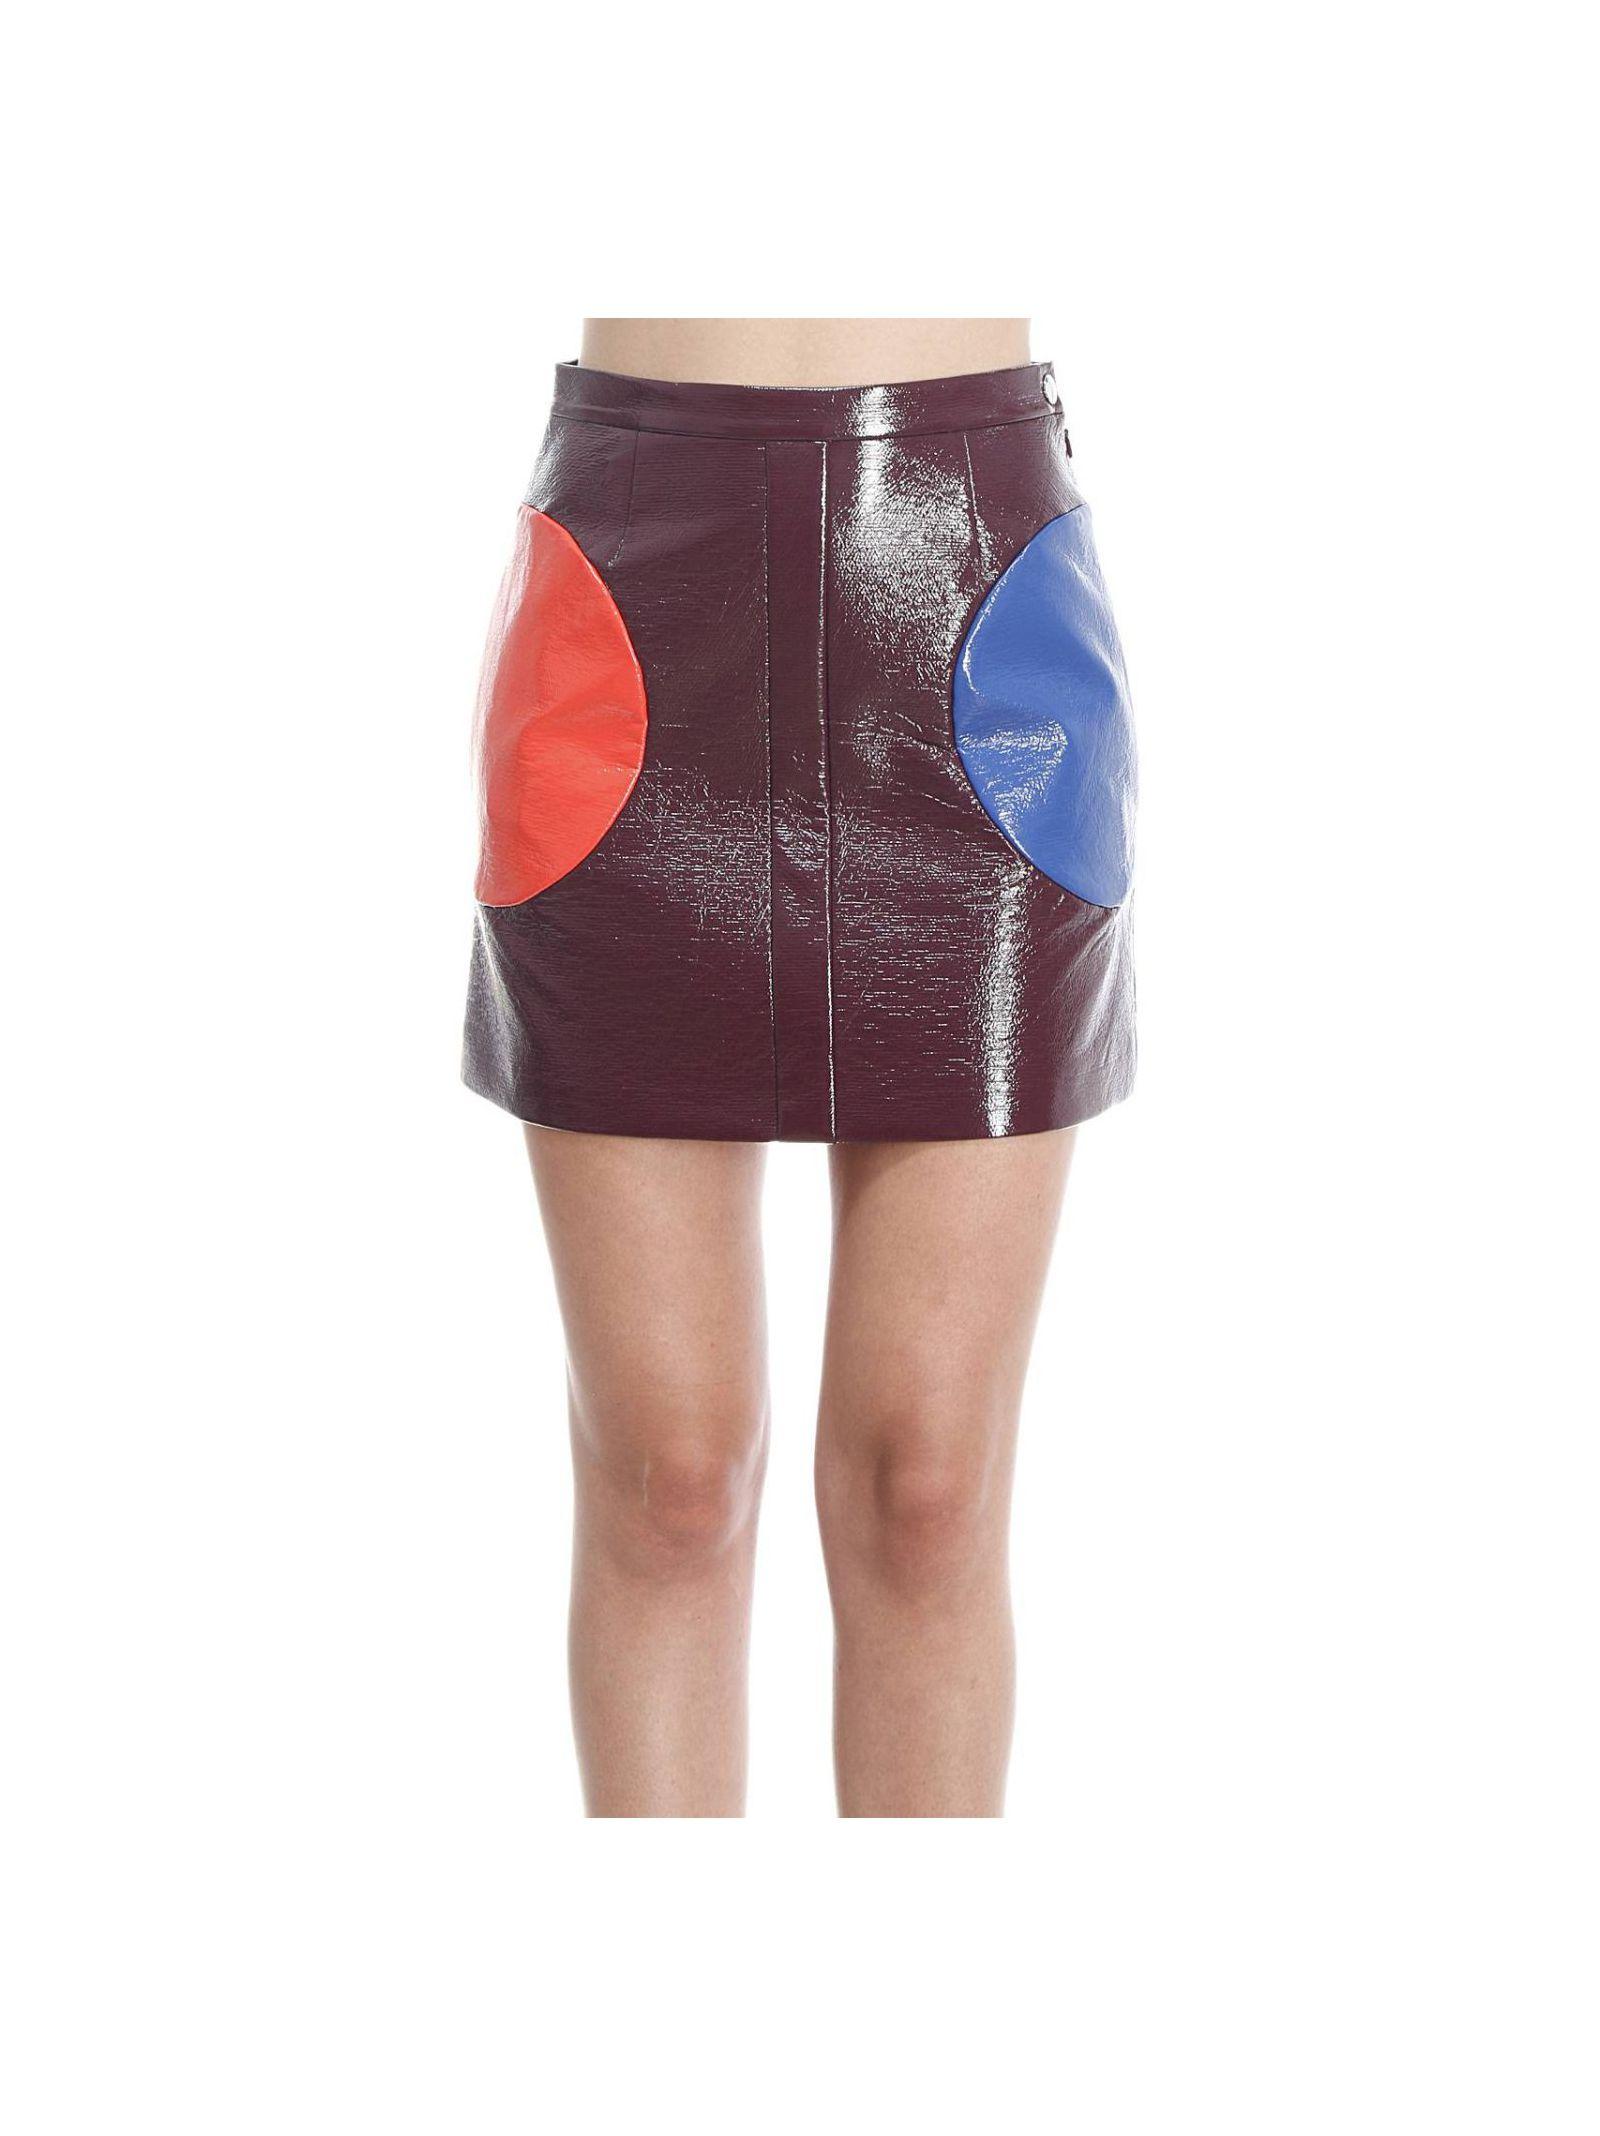 Skirt Skirts Woman Iceberg - Iceberg - Cluster 2